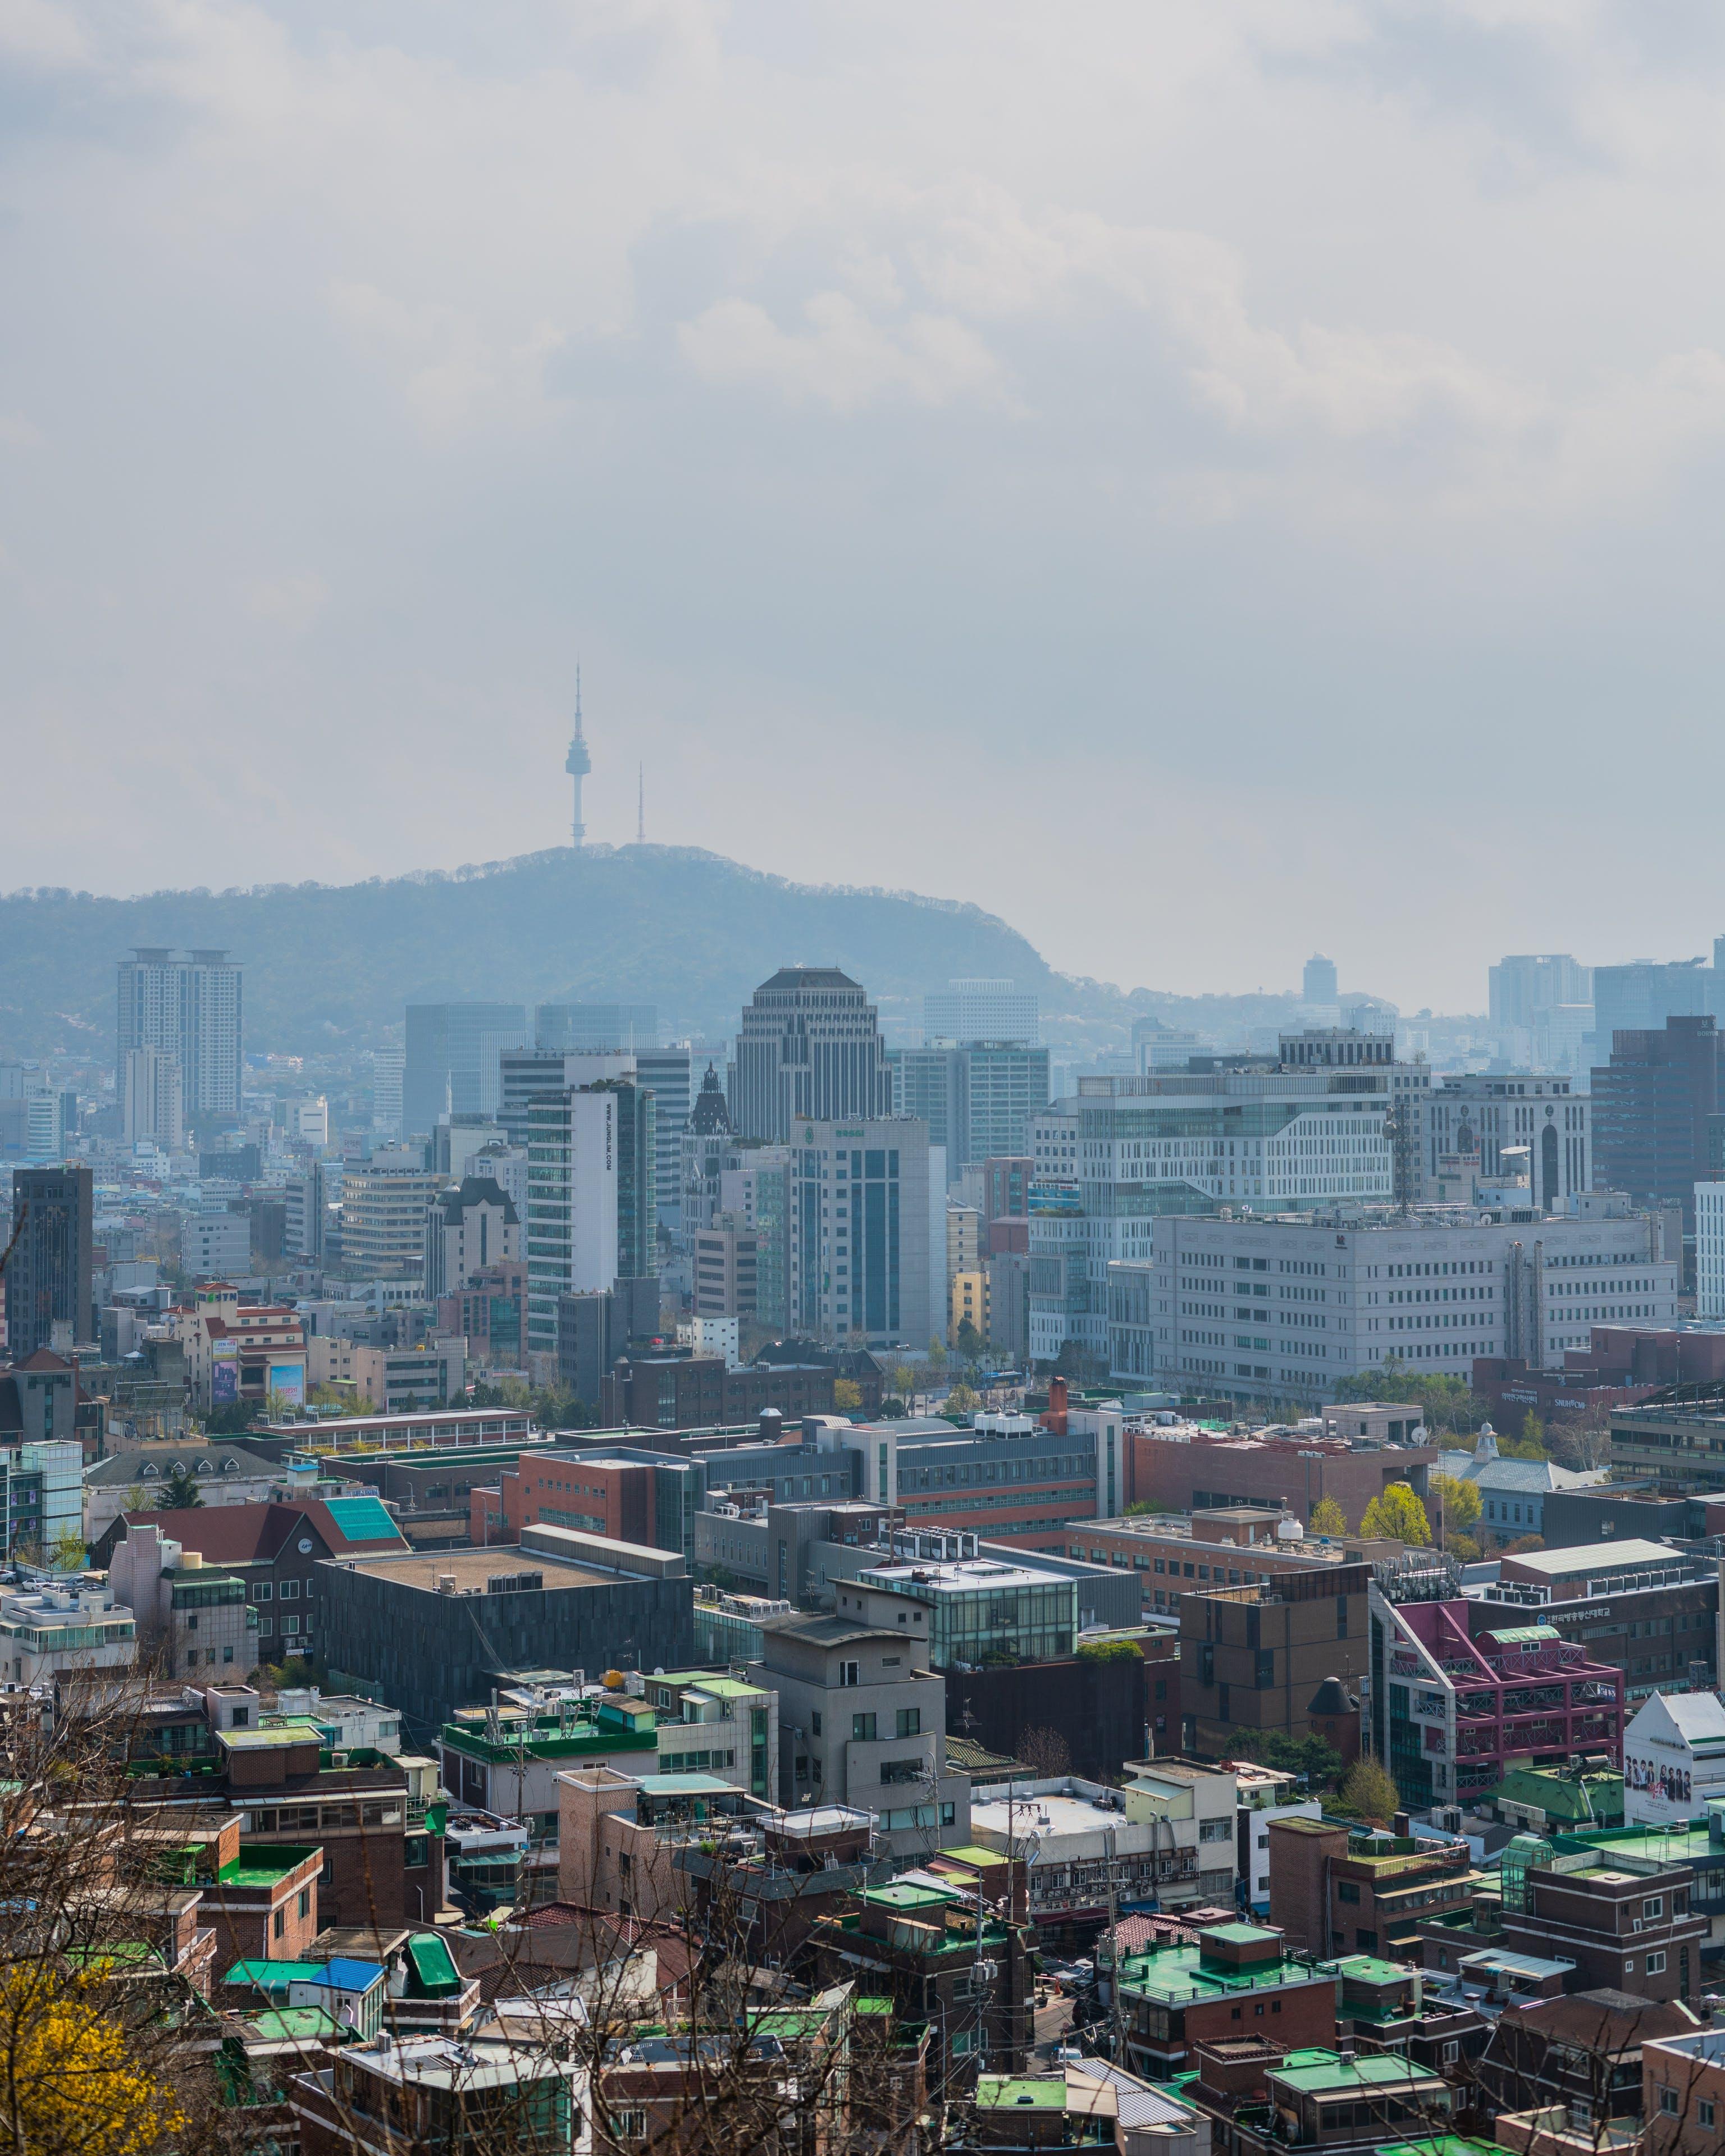 Gratis lagerfoto af bygninger, bylandskab, Korea, luftforurening